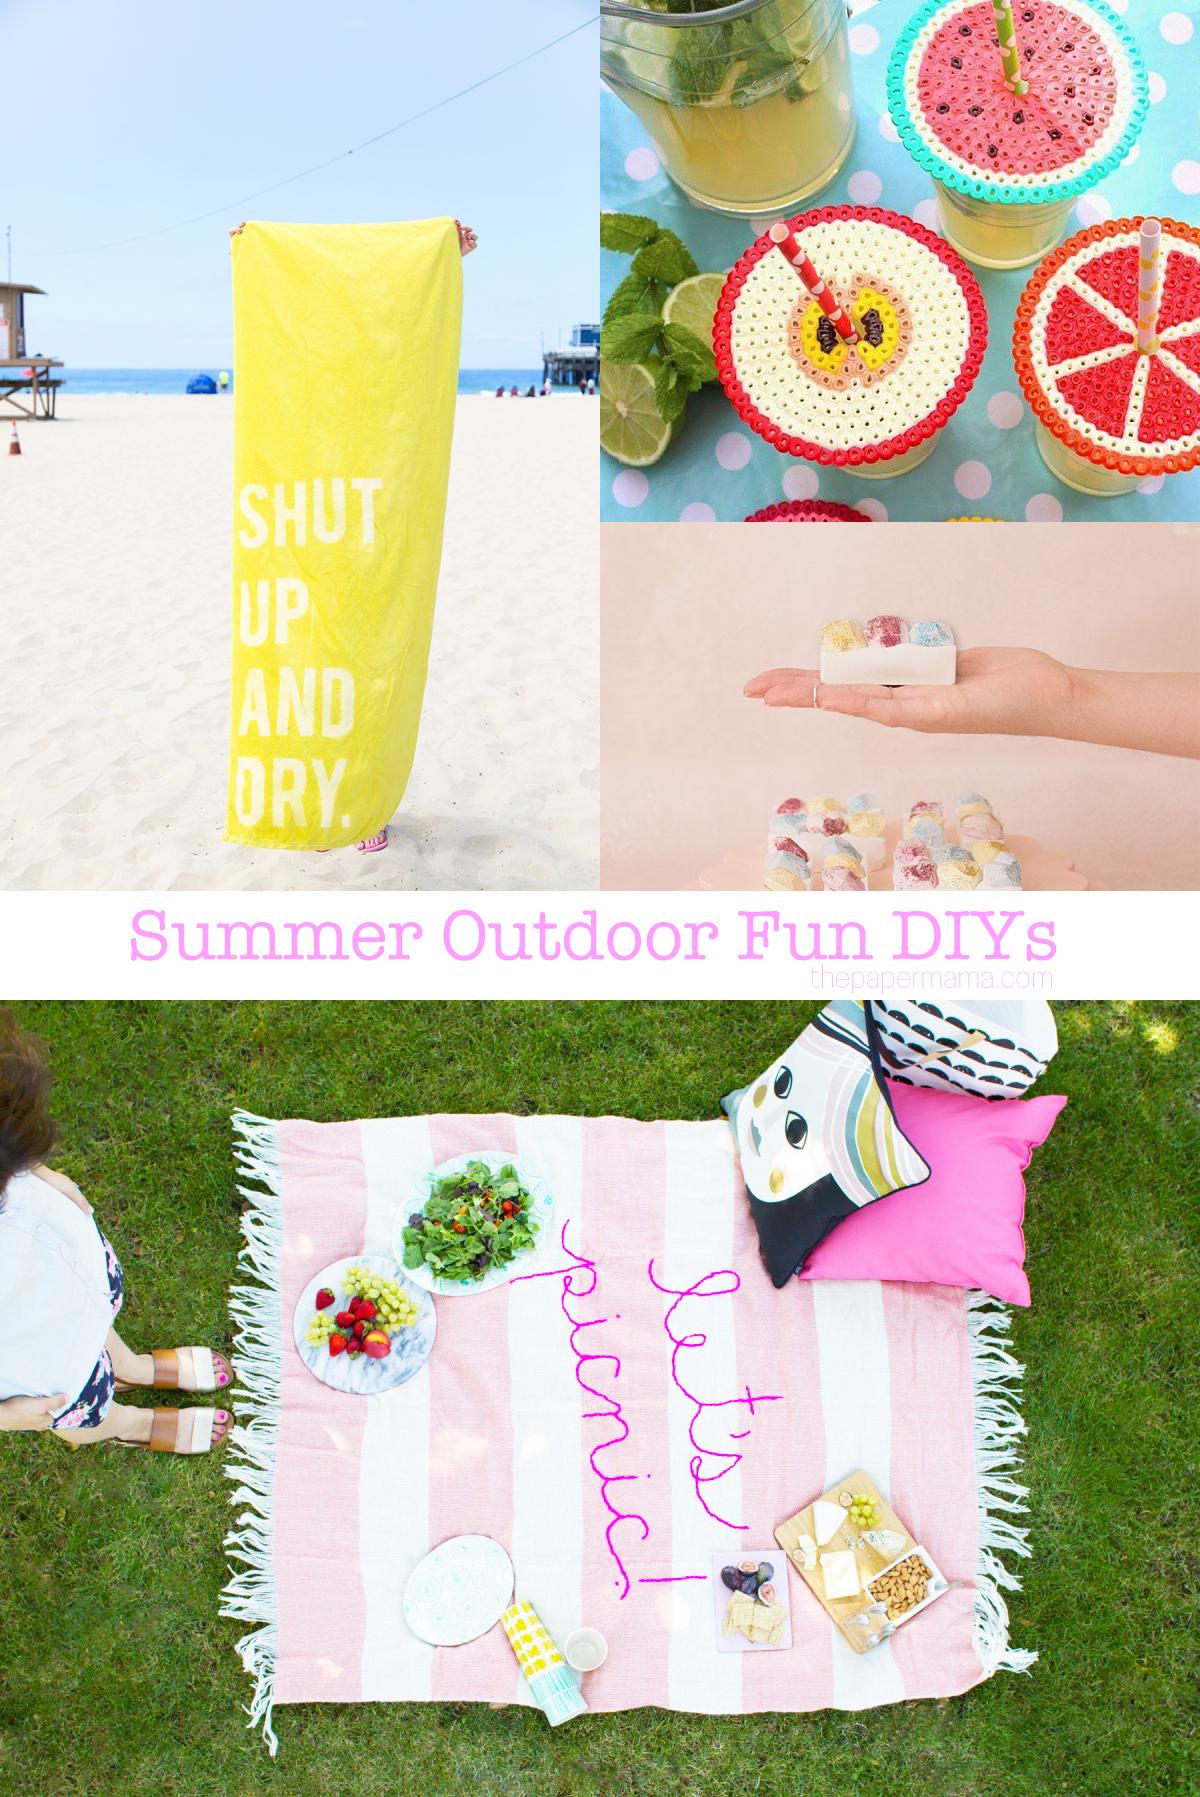 Summer Outdoor Fun DIYs